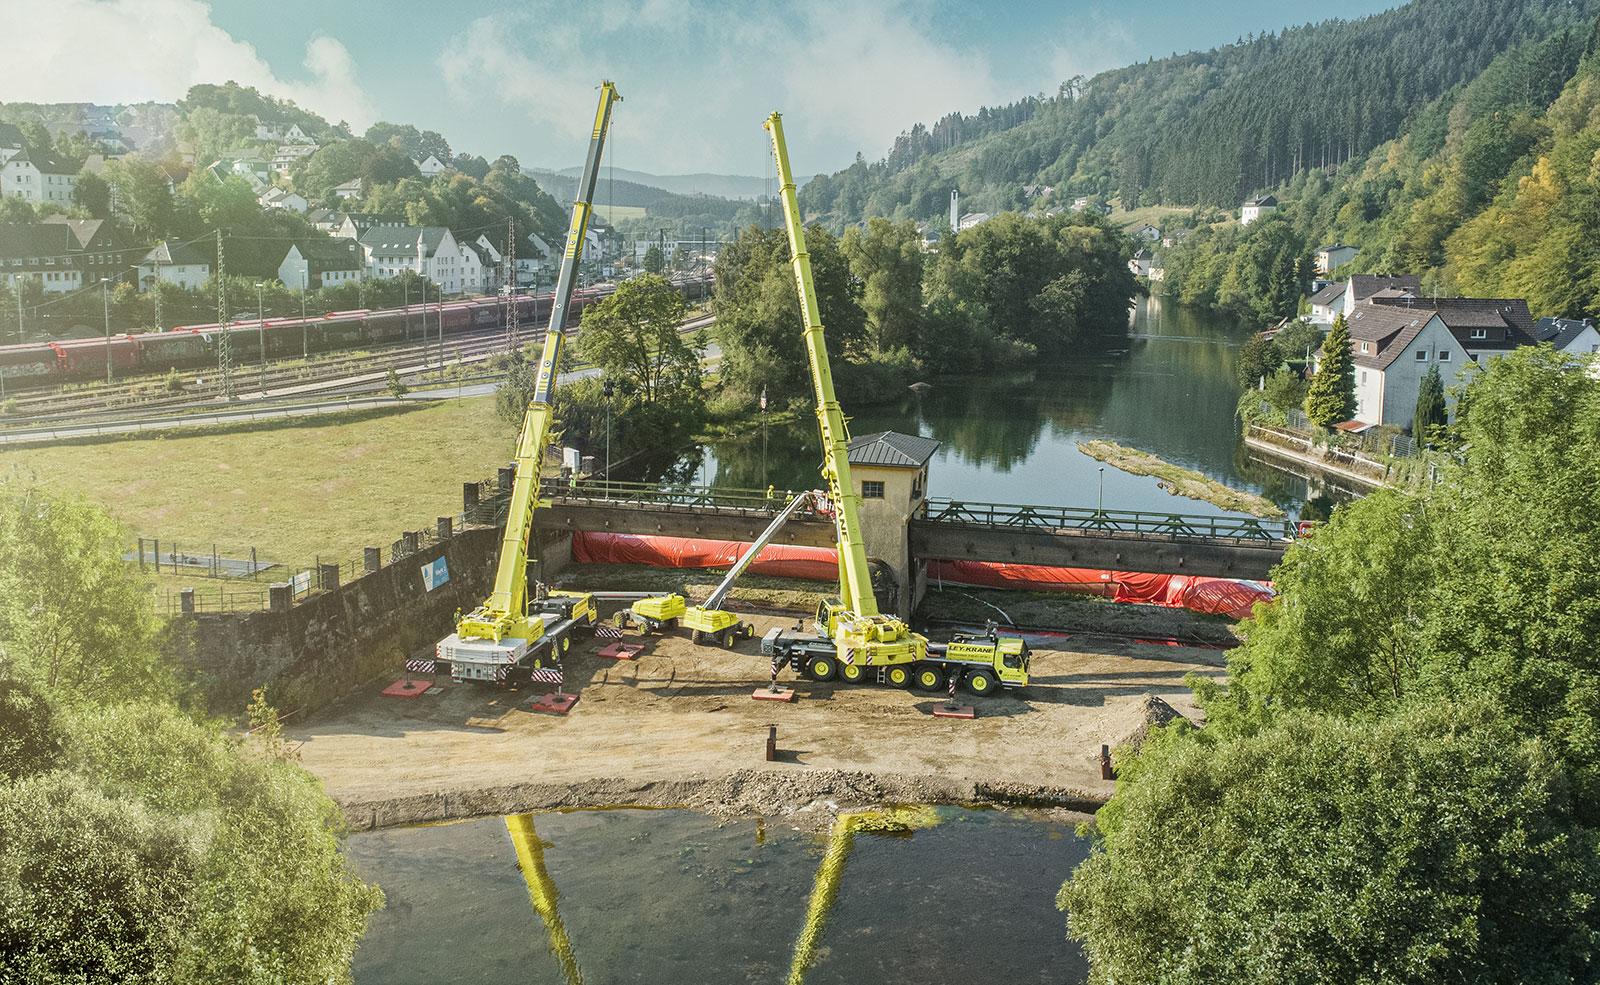 Sanierung der Wehrwalzen in Finnentrop - Ausbau mit 2 Kranen und 2 Arbeitsbühnen